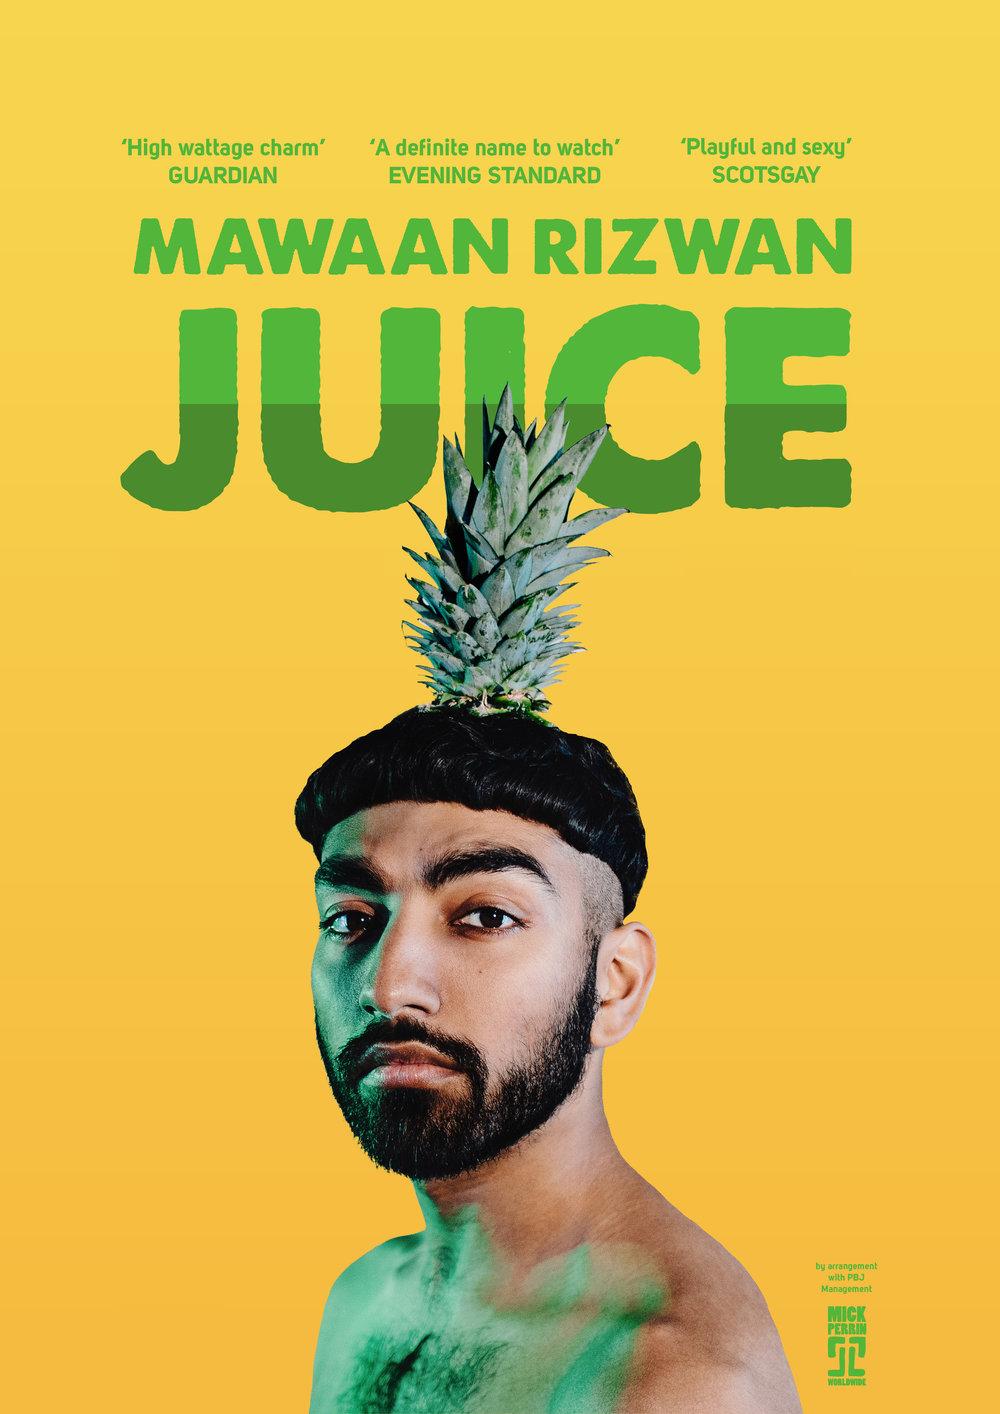 Mawaan-Rizwan-Juice.jpg